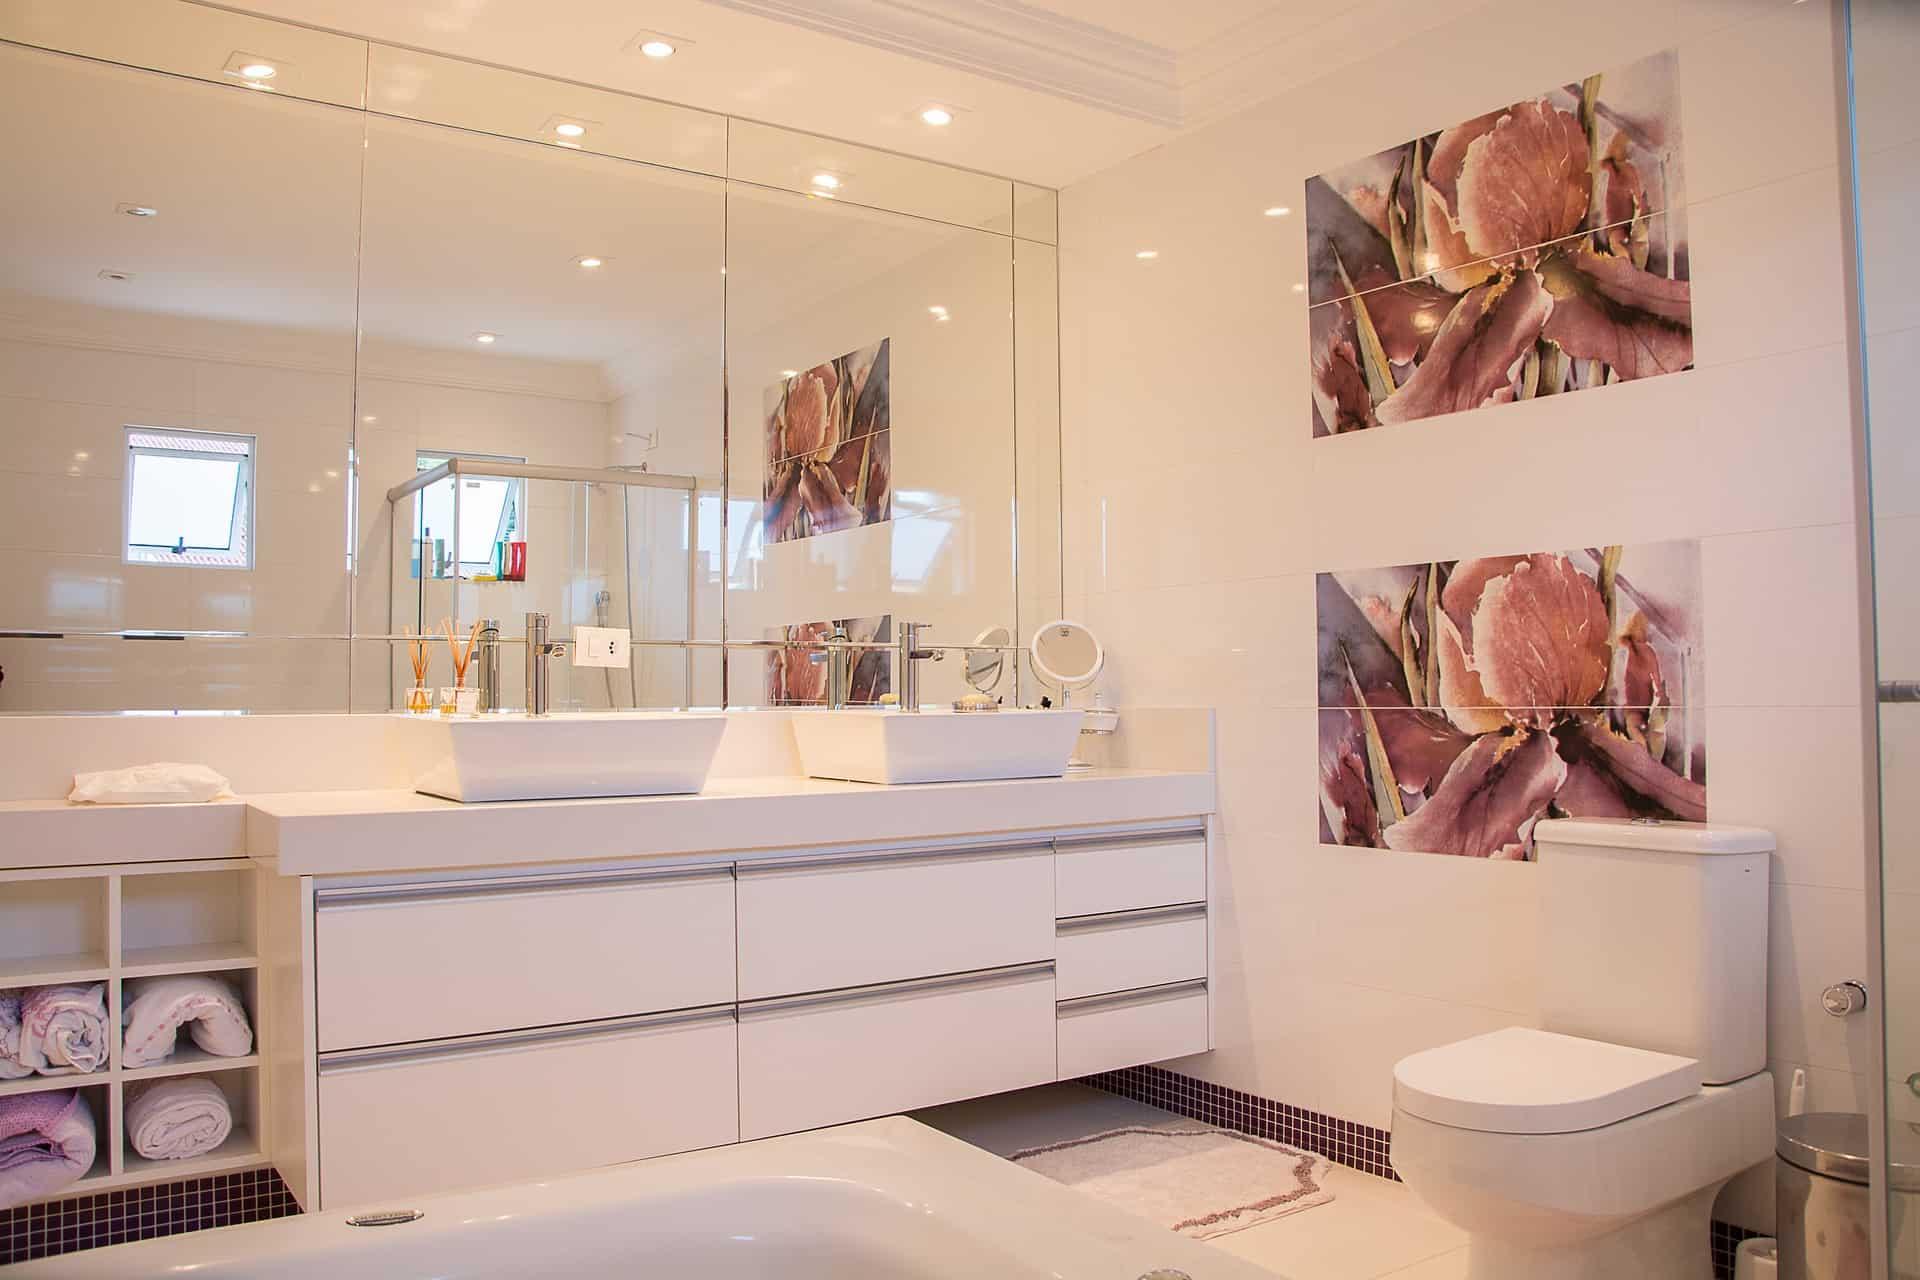 Banheiro espaçoso com móveis brancos e um espelho grande atrás de duas pias.